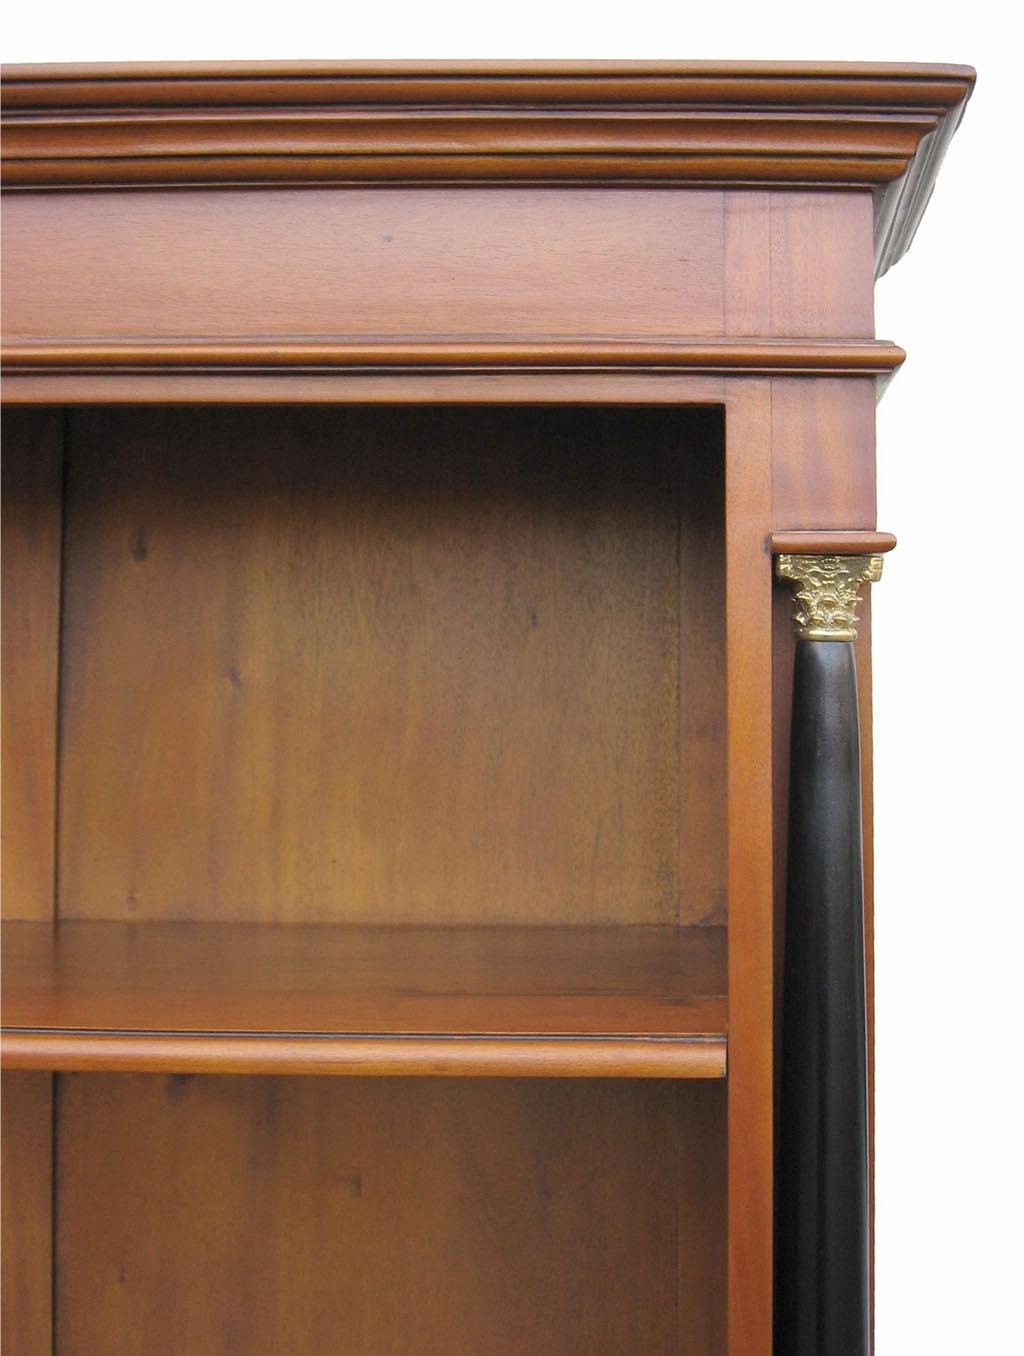 biedermeier regal antik stil kirsche m bel massiv. Black Bedroom Furniture Sets. Home Design Ideas